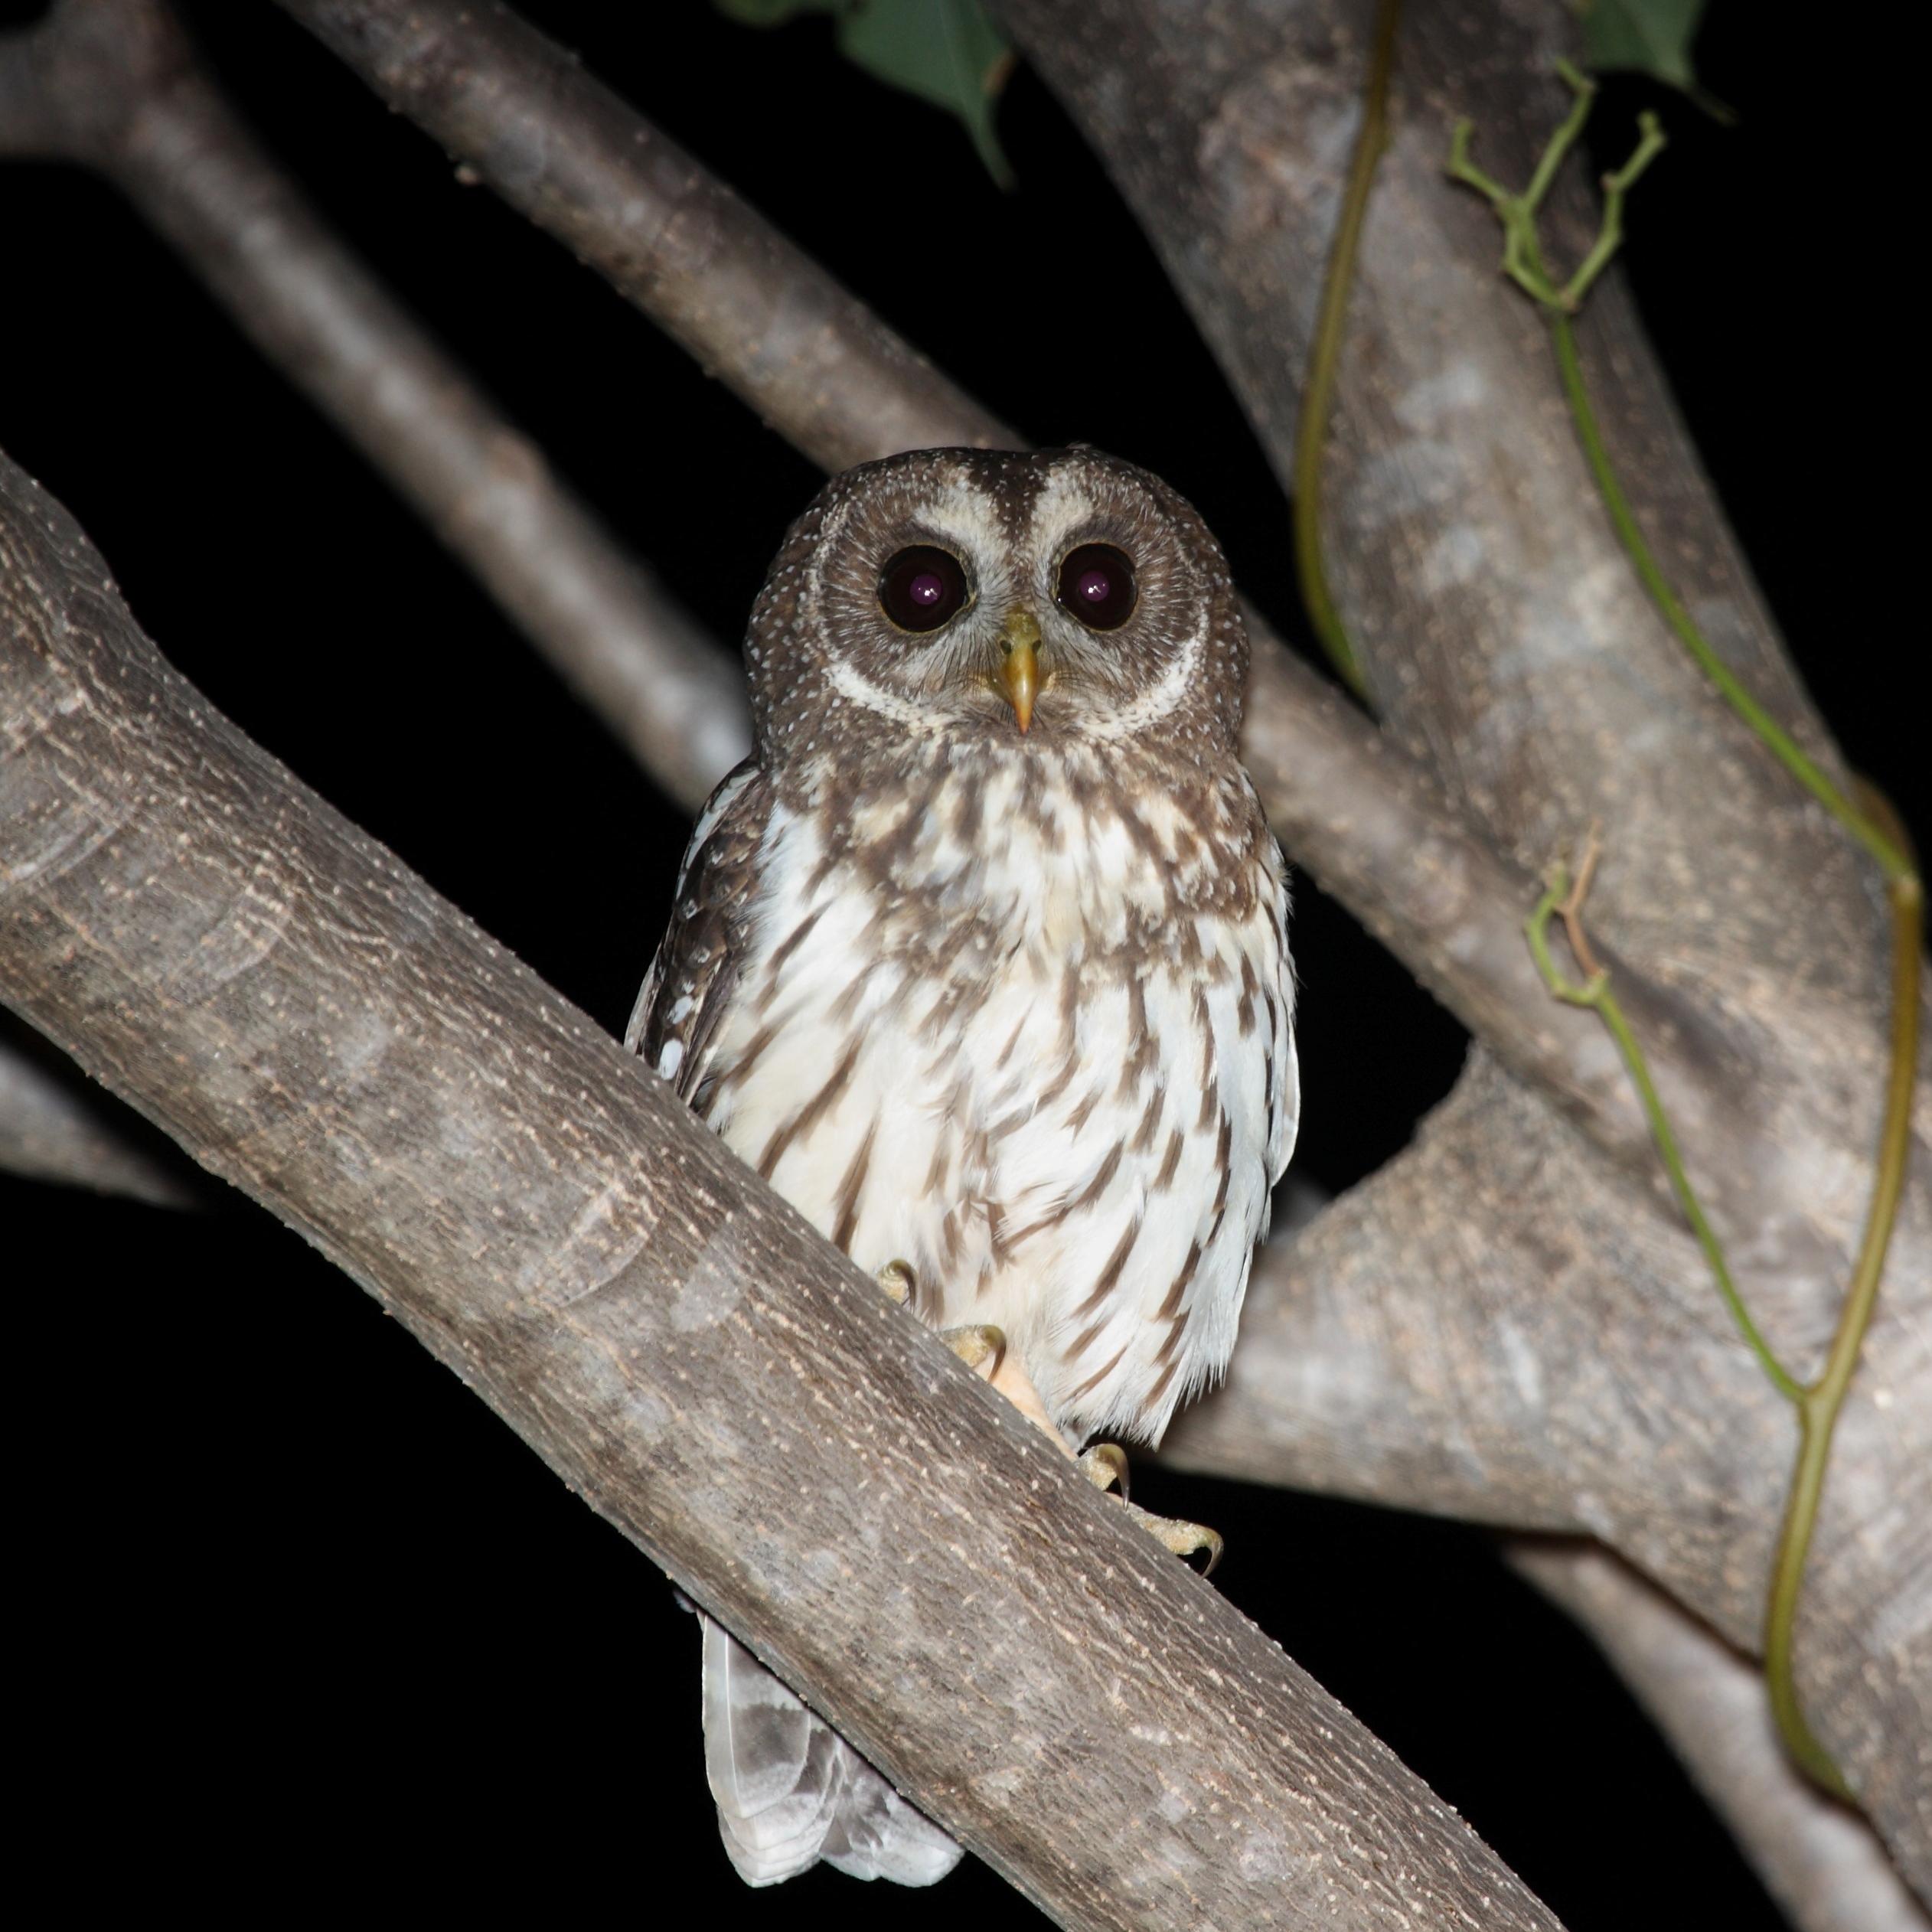 https://upload.wikimedia.org/wikipedia/commons/d/df/Mottled_Owl.jpg